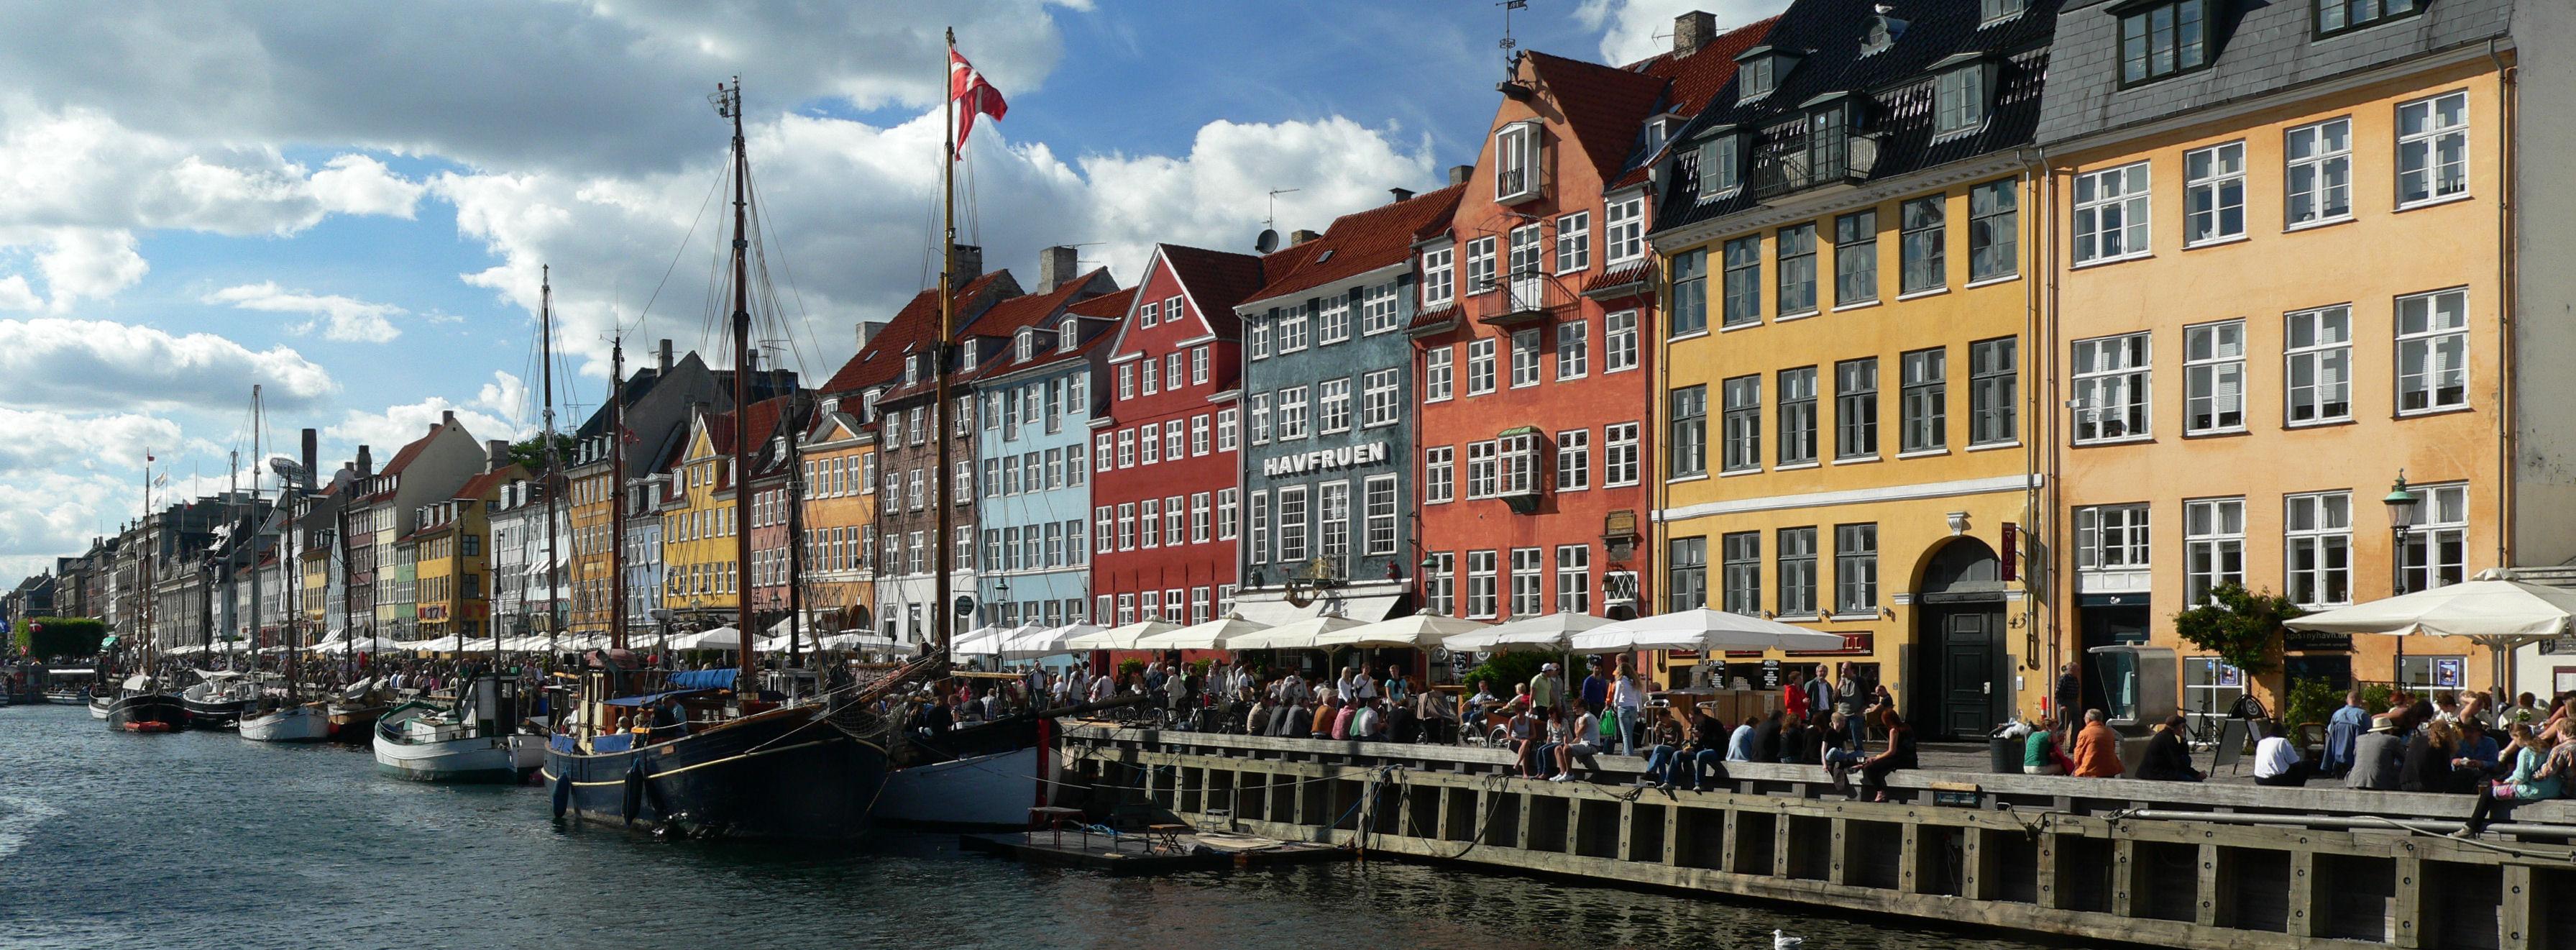 Nyhavn - a canal in Copenhagen.Data czerwiec 2008Źródło Praca własnaAutor Scythian srodlo: wikipedia